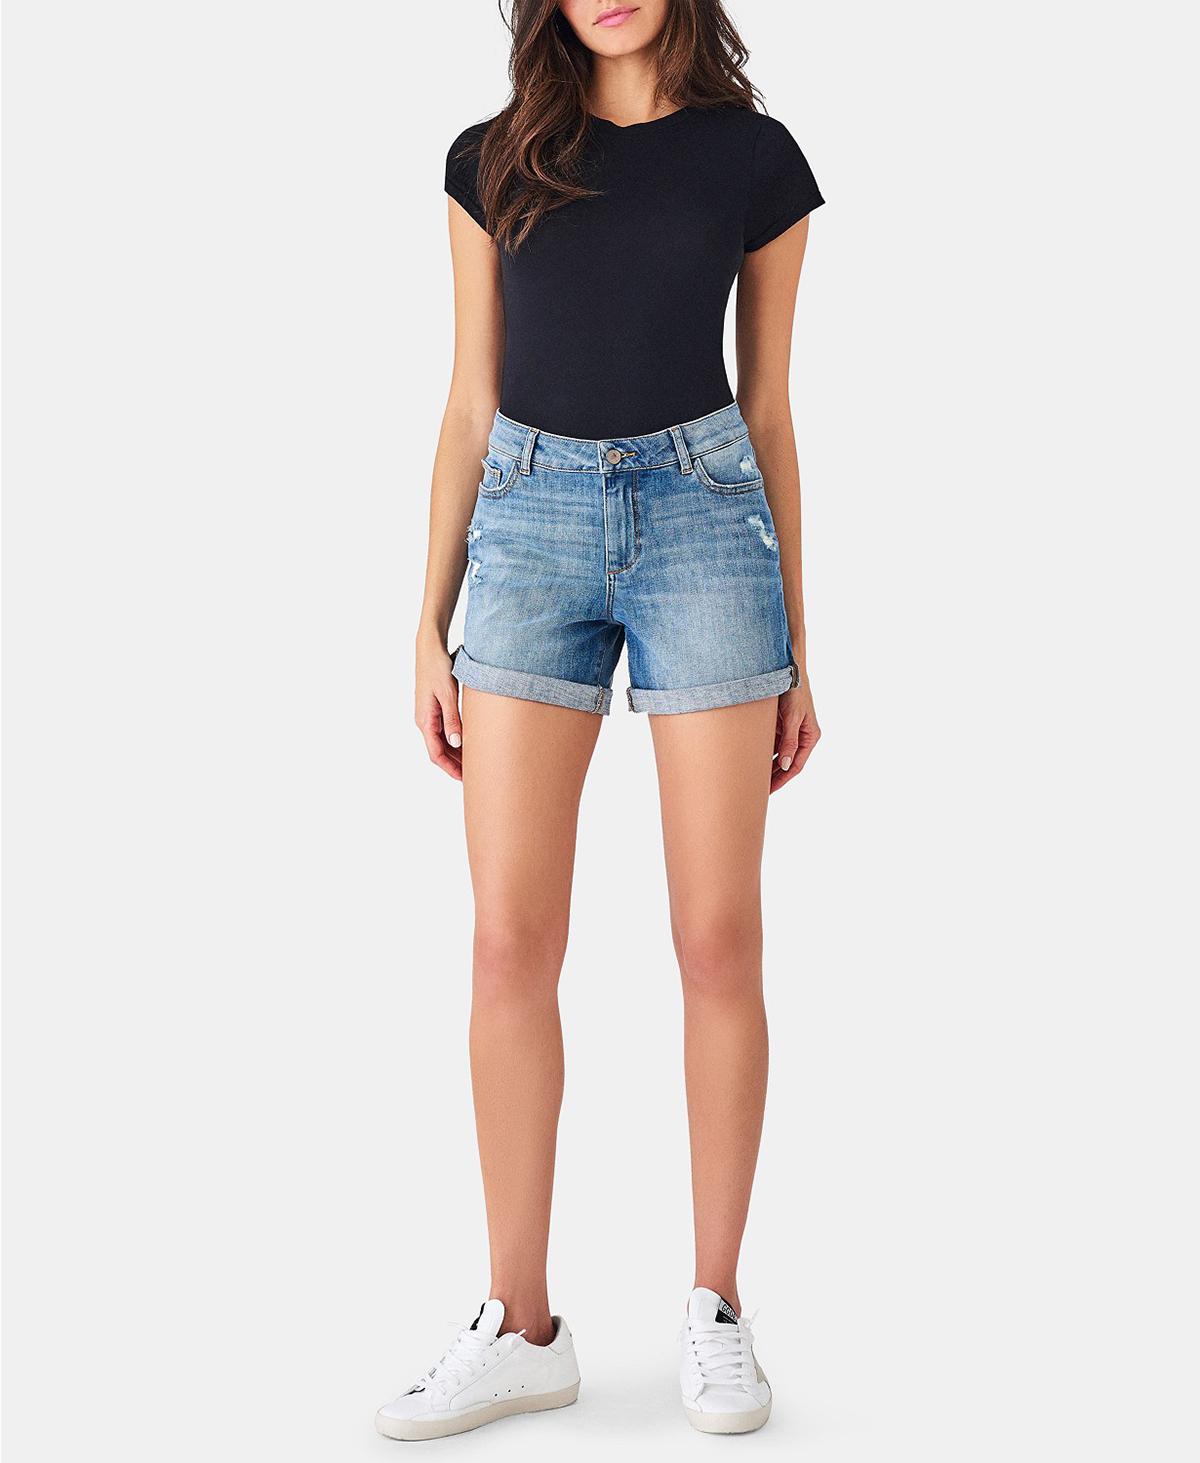 shorts-one